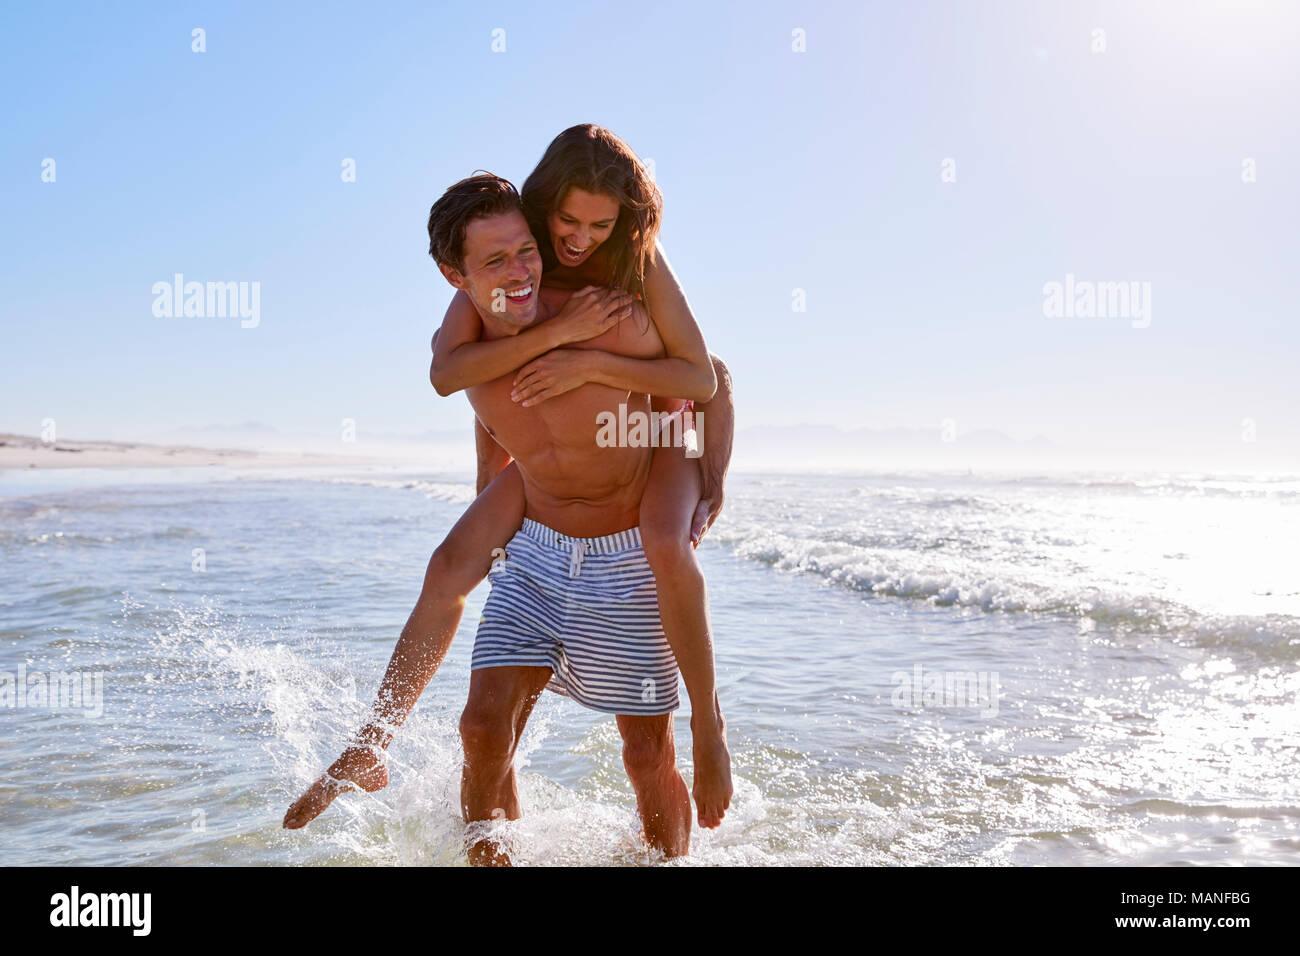 Hombre Mujer dando Piggyback en verano vacaciones de playa Imagen De Stock